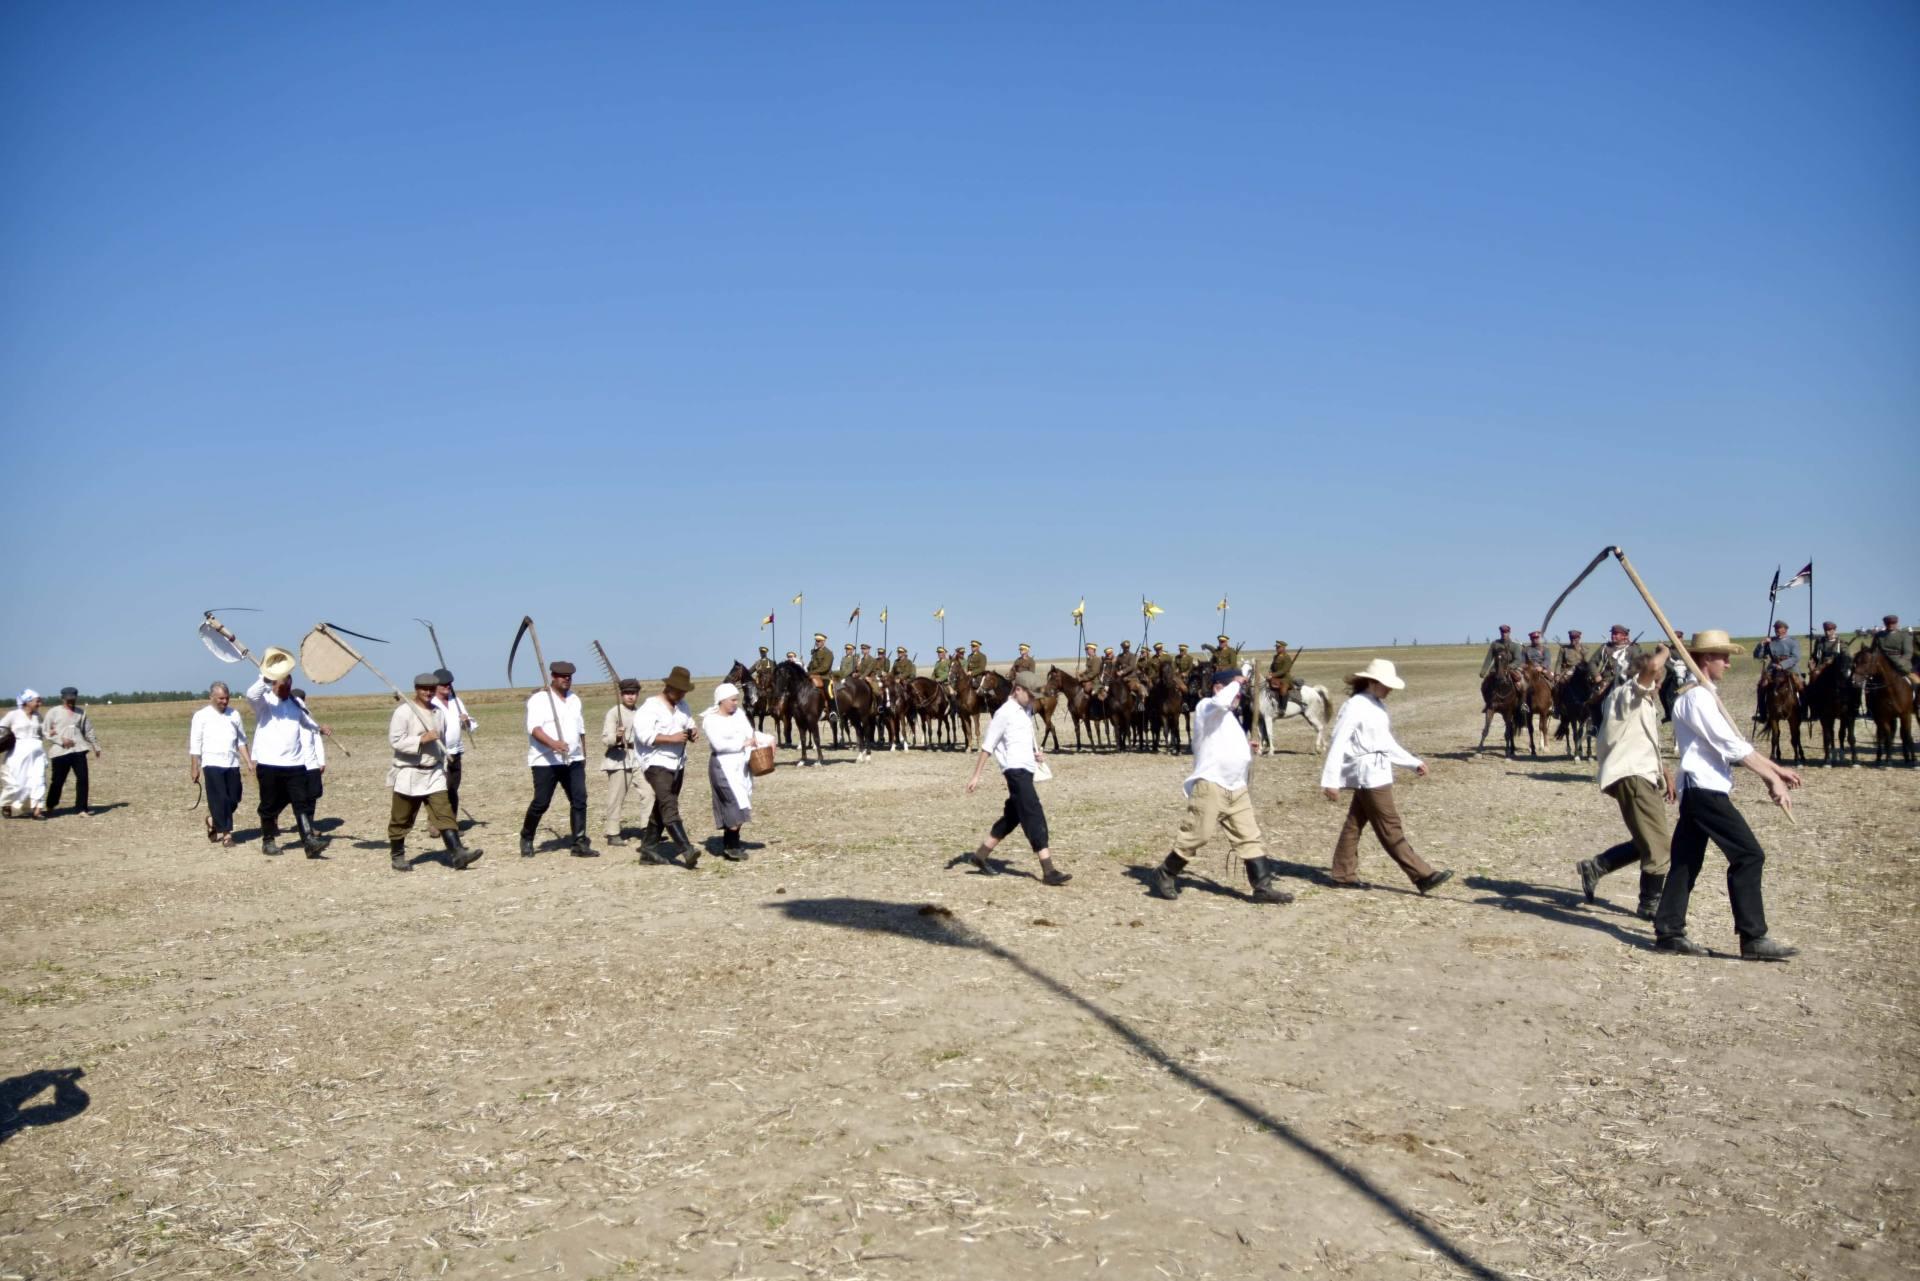 dsc 1169 Czas szabli - 100 rocznica bitwy pod Komarowem(zdjęcia)